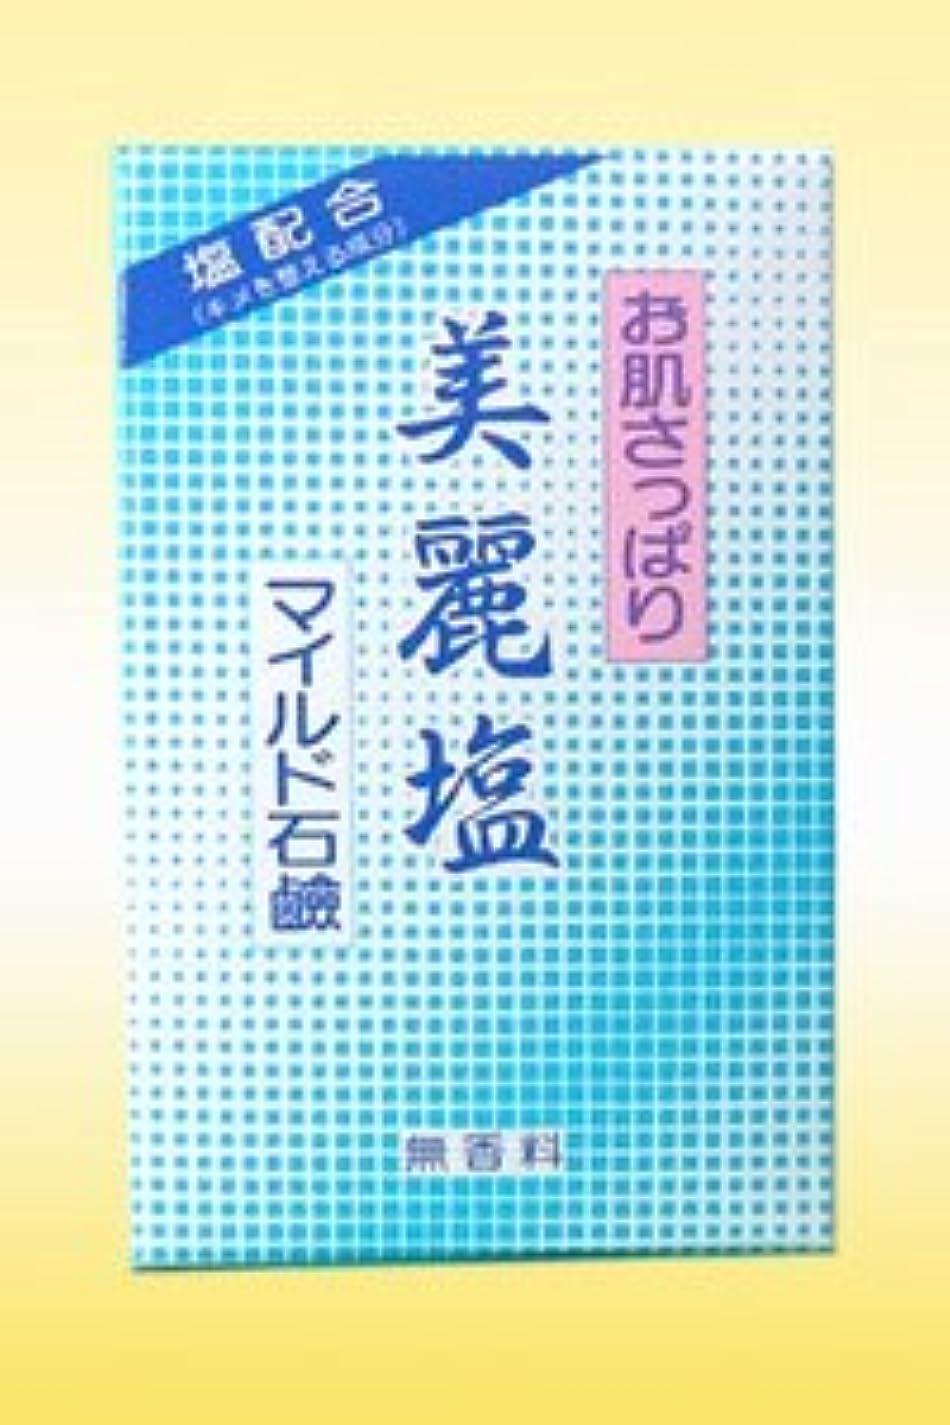 壊滅的なブランデーパプアニューギニアニード美麗塩マイルド石鹸(95g)キメを整える成分:塩配合の無香料石鹸